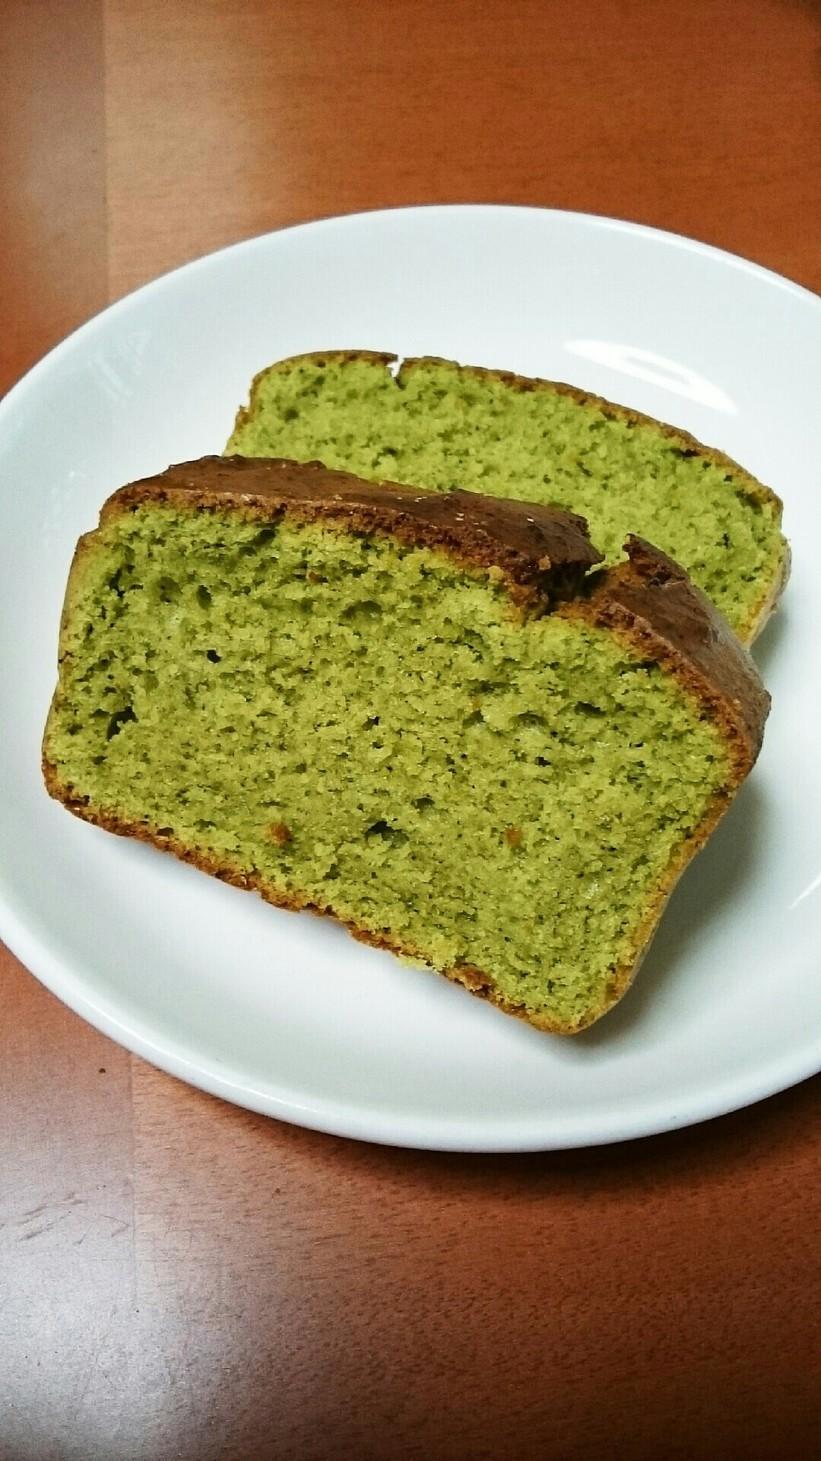 抹茶の大豆パウダーパウンドケーキ